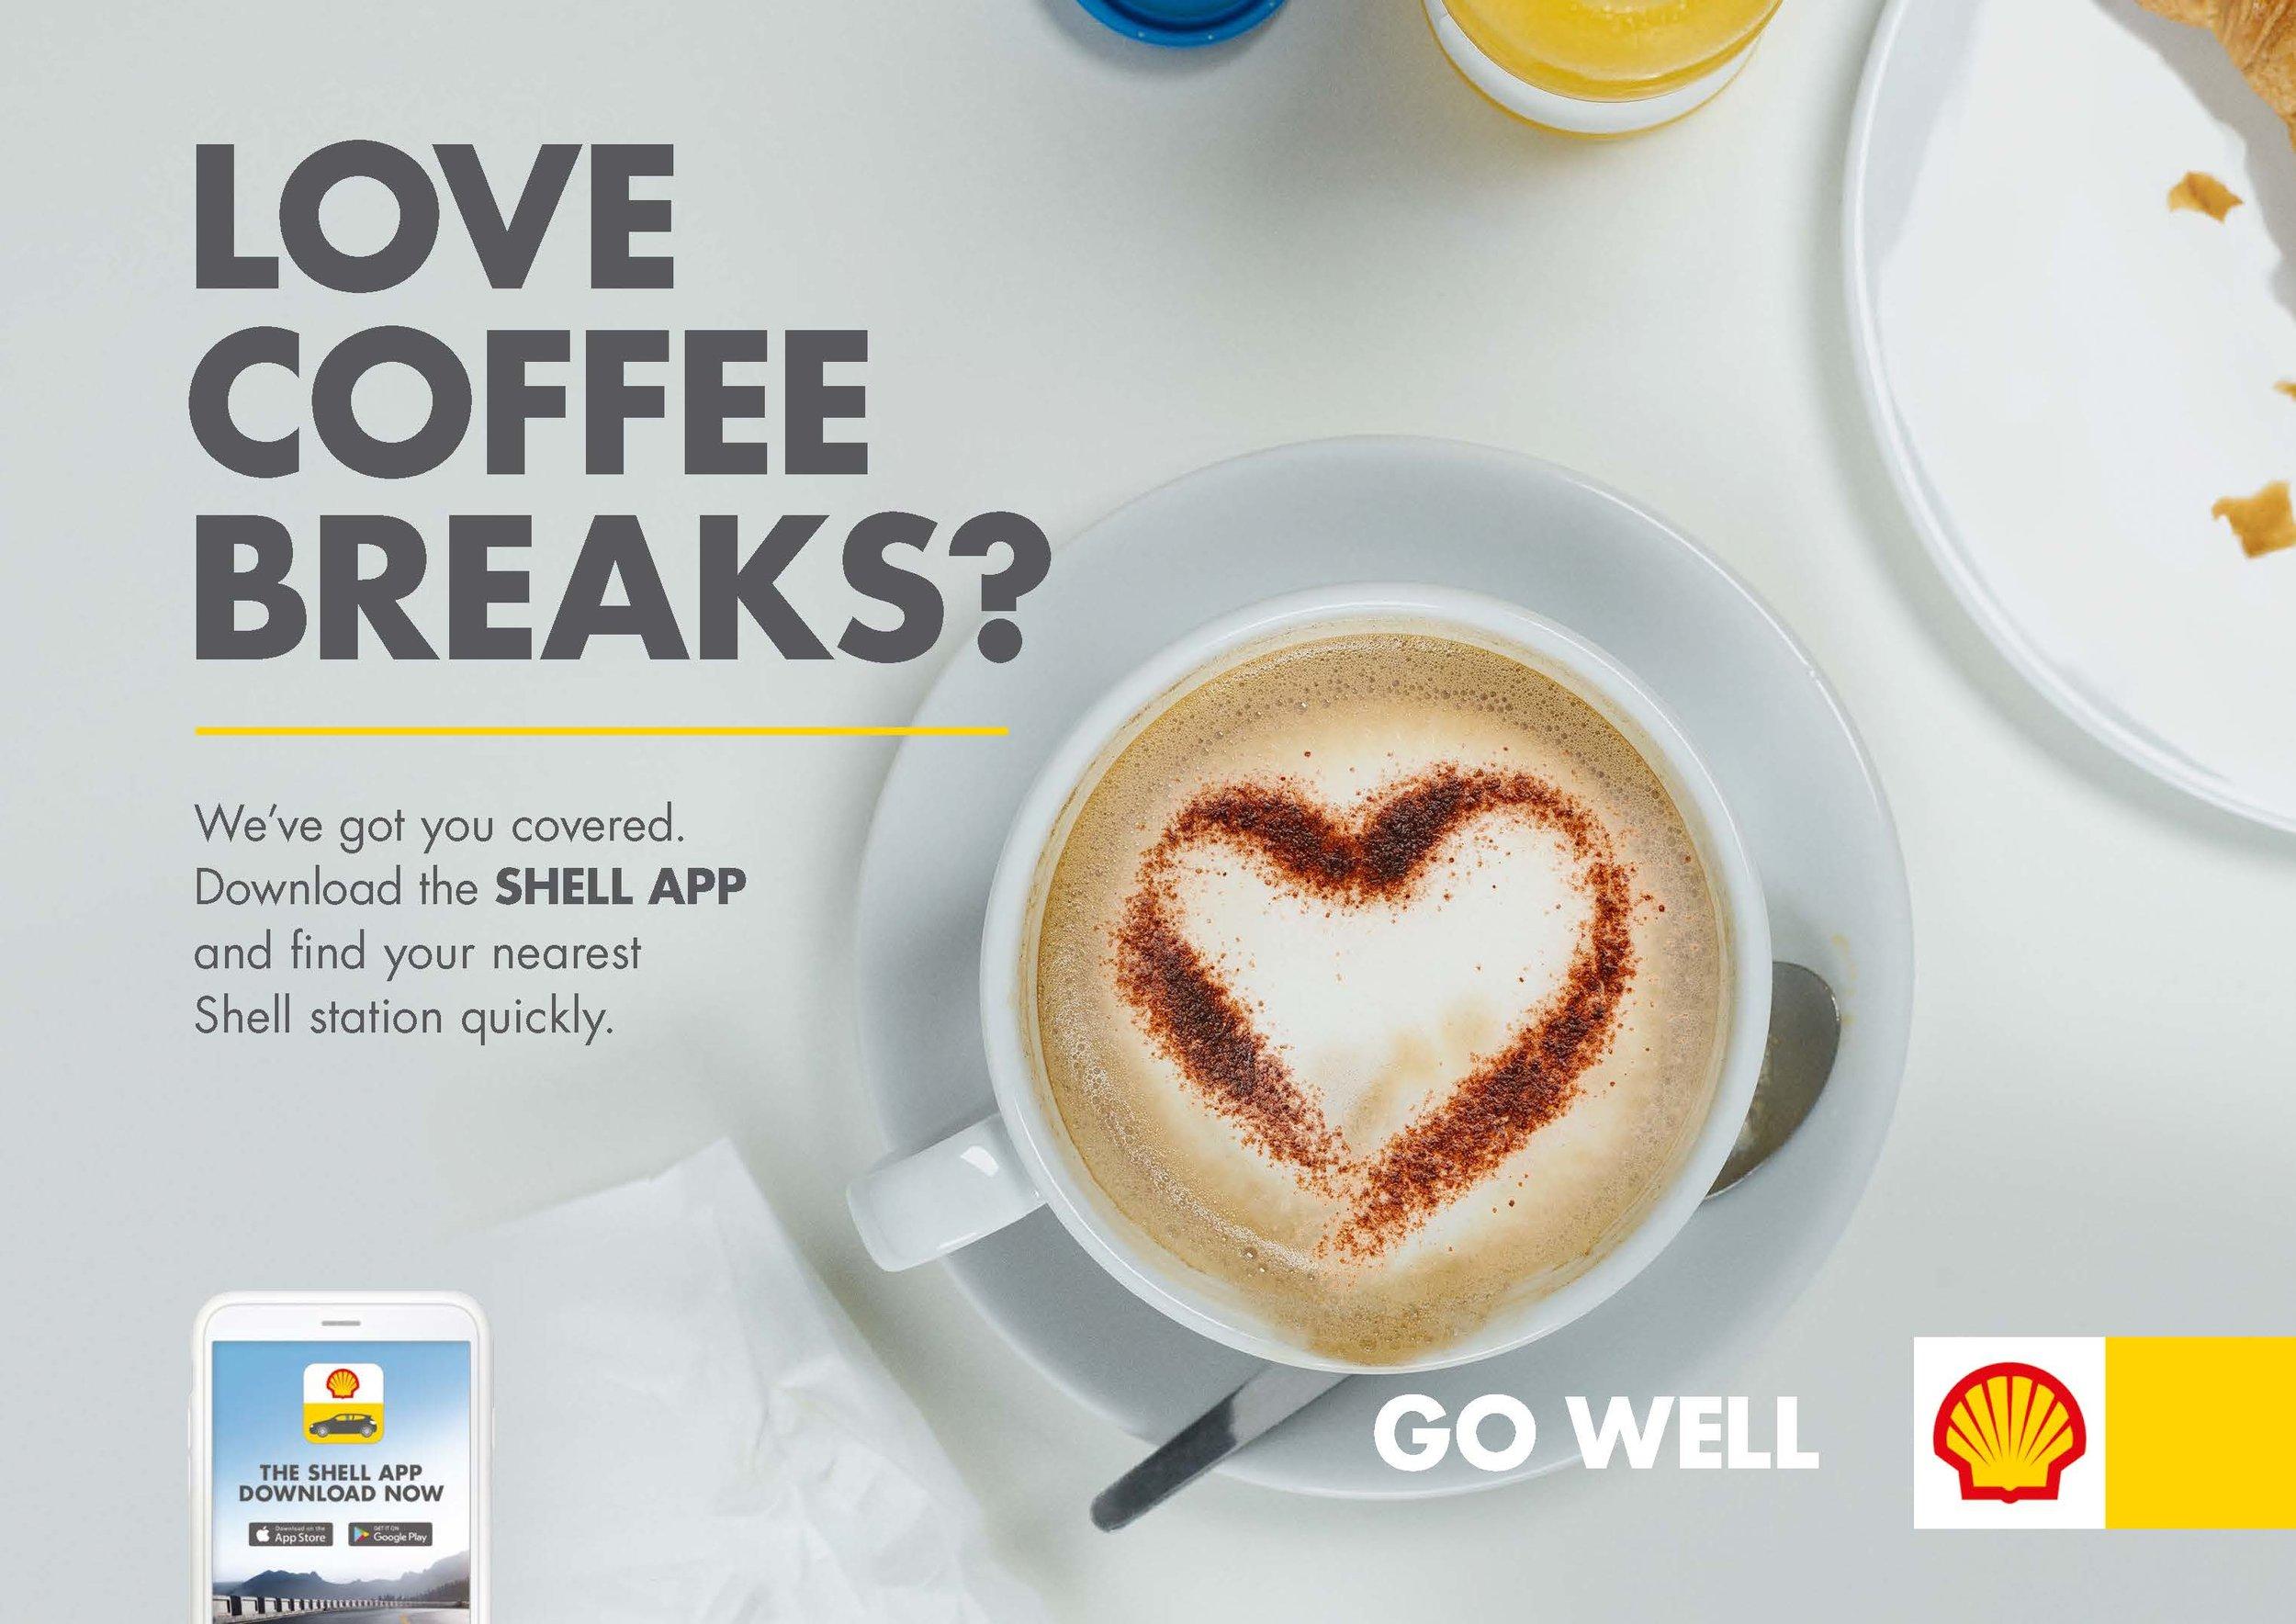 Love coffee breaks.jpg